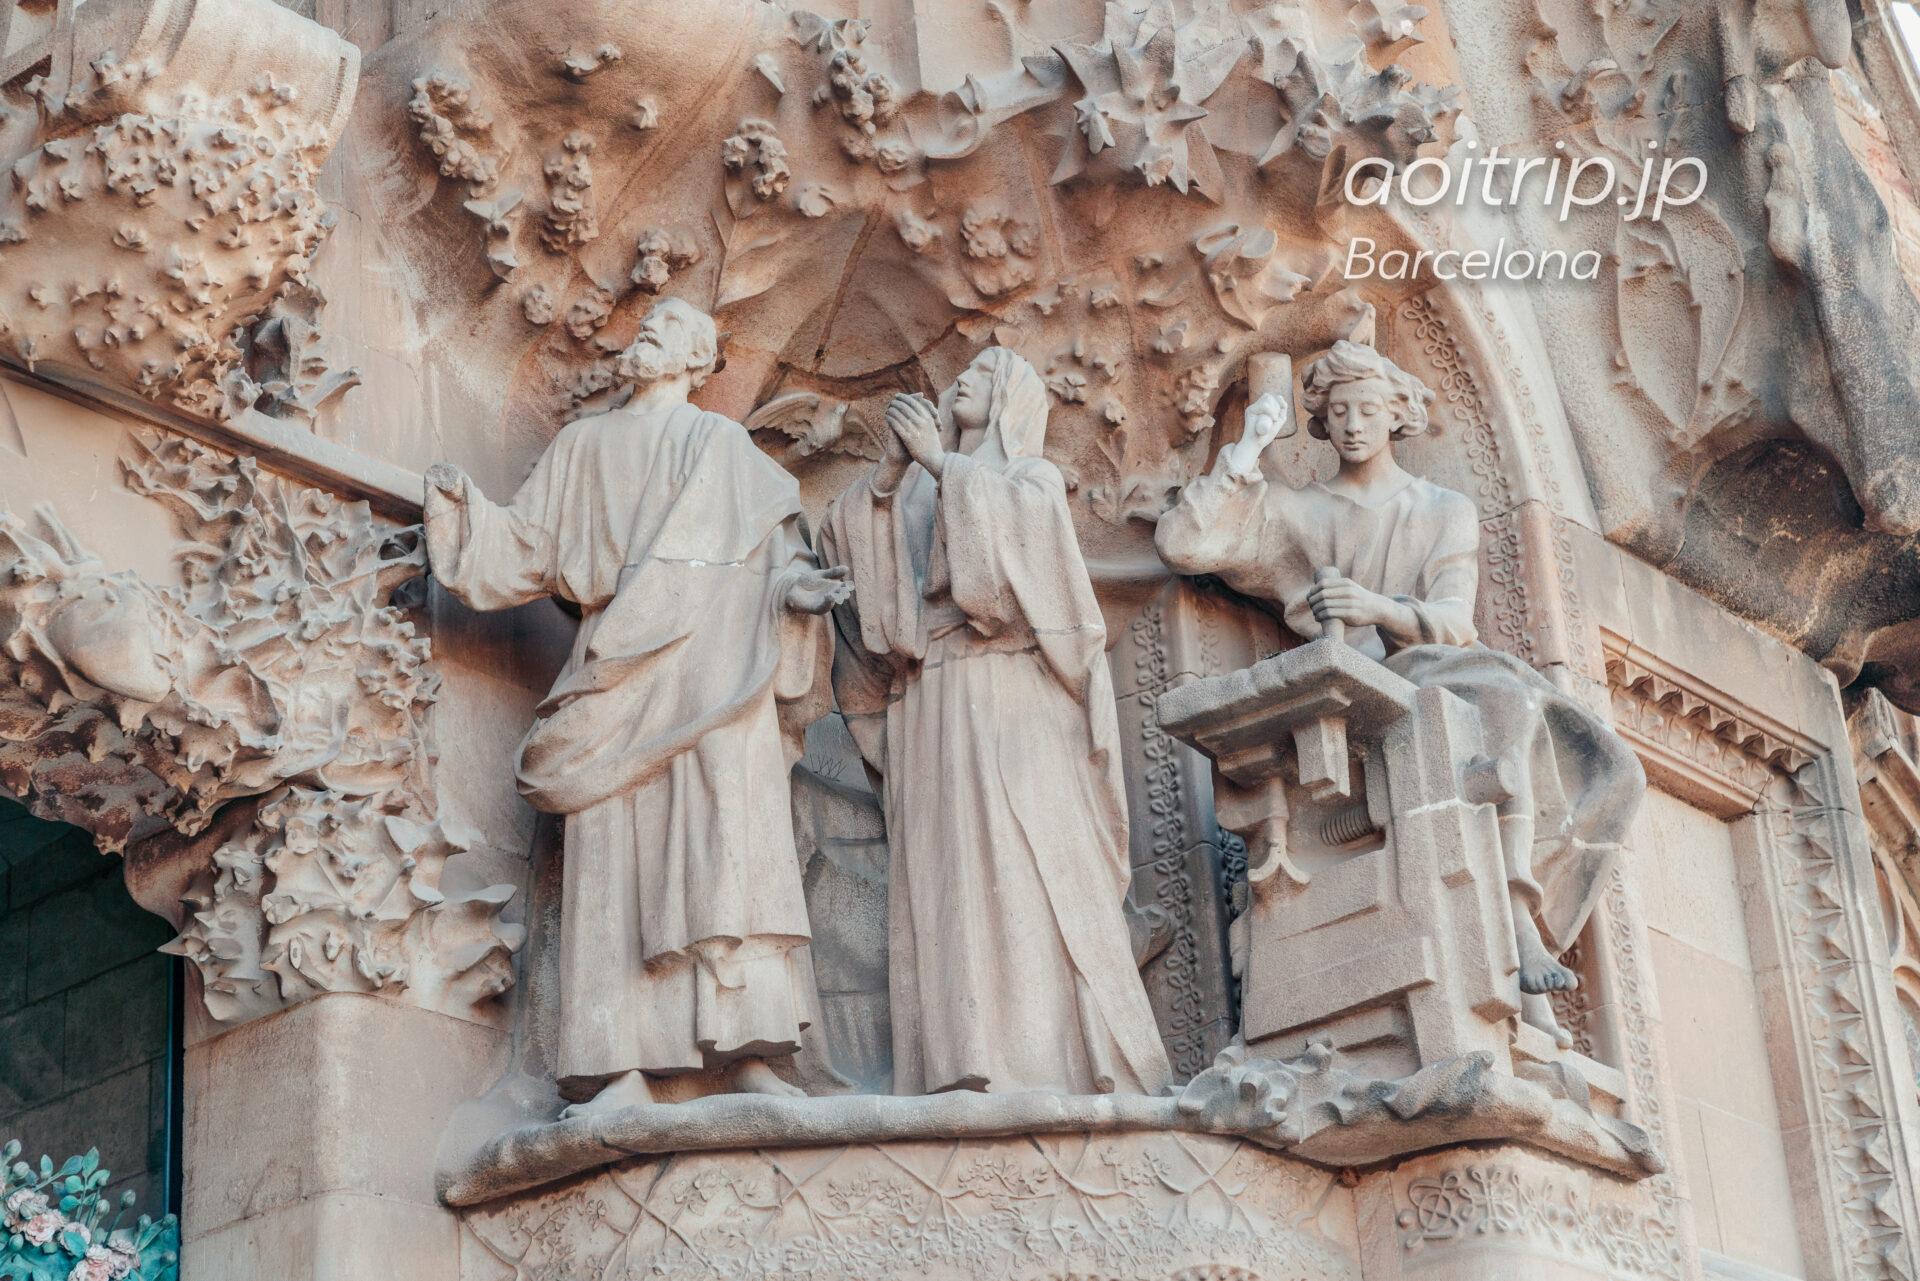 Basílica de la Sagrada Família(Façana del Naixement, Jesus working as a carpenter)